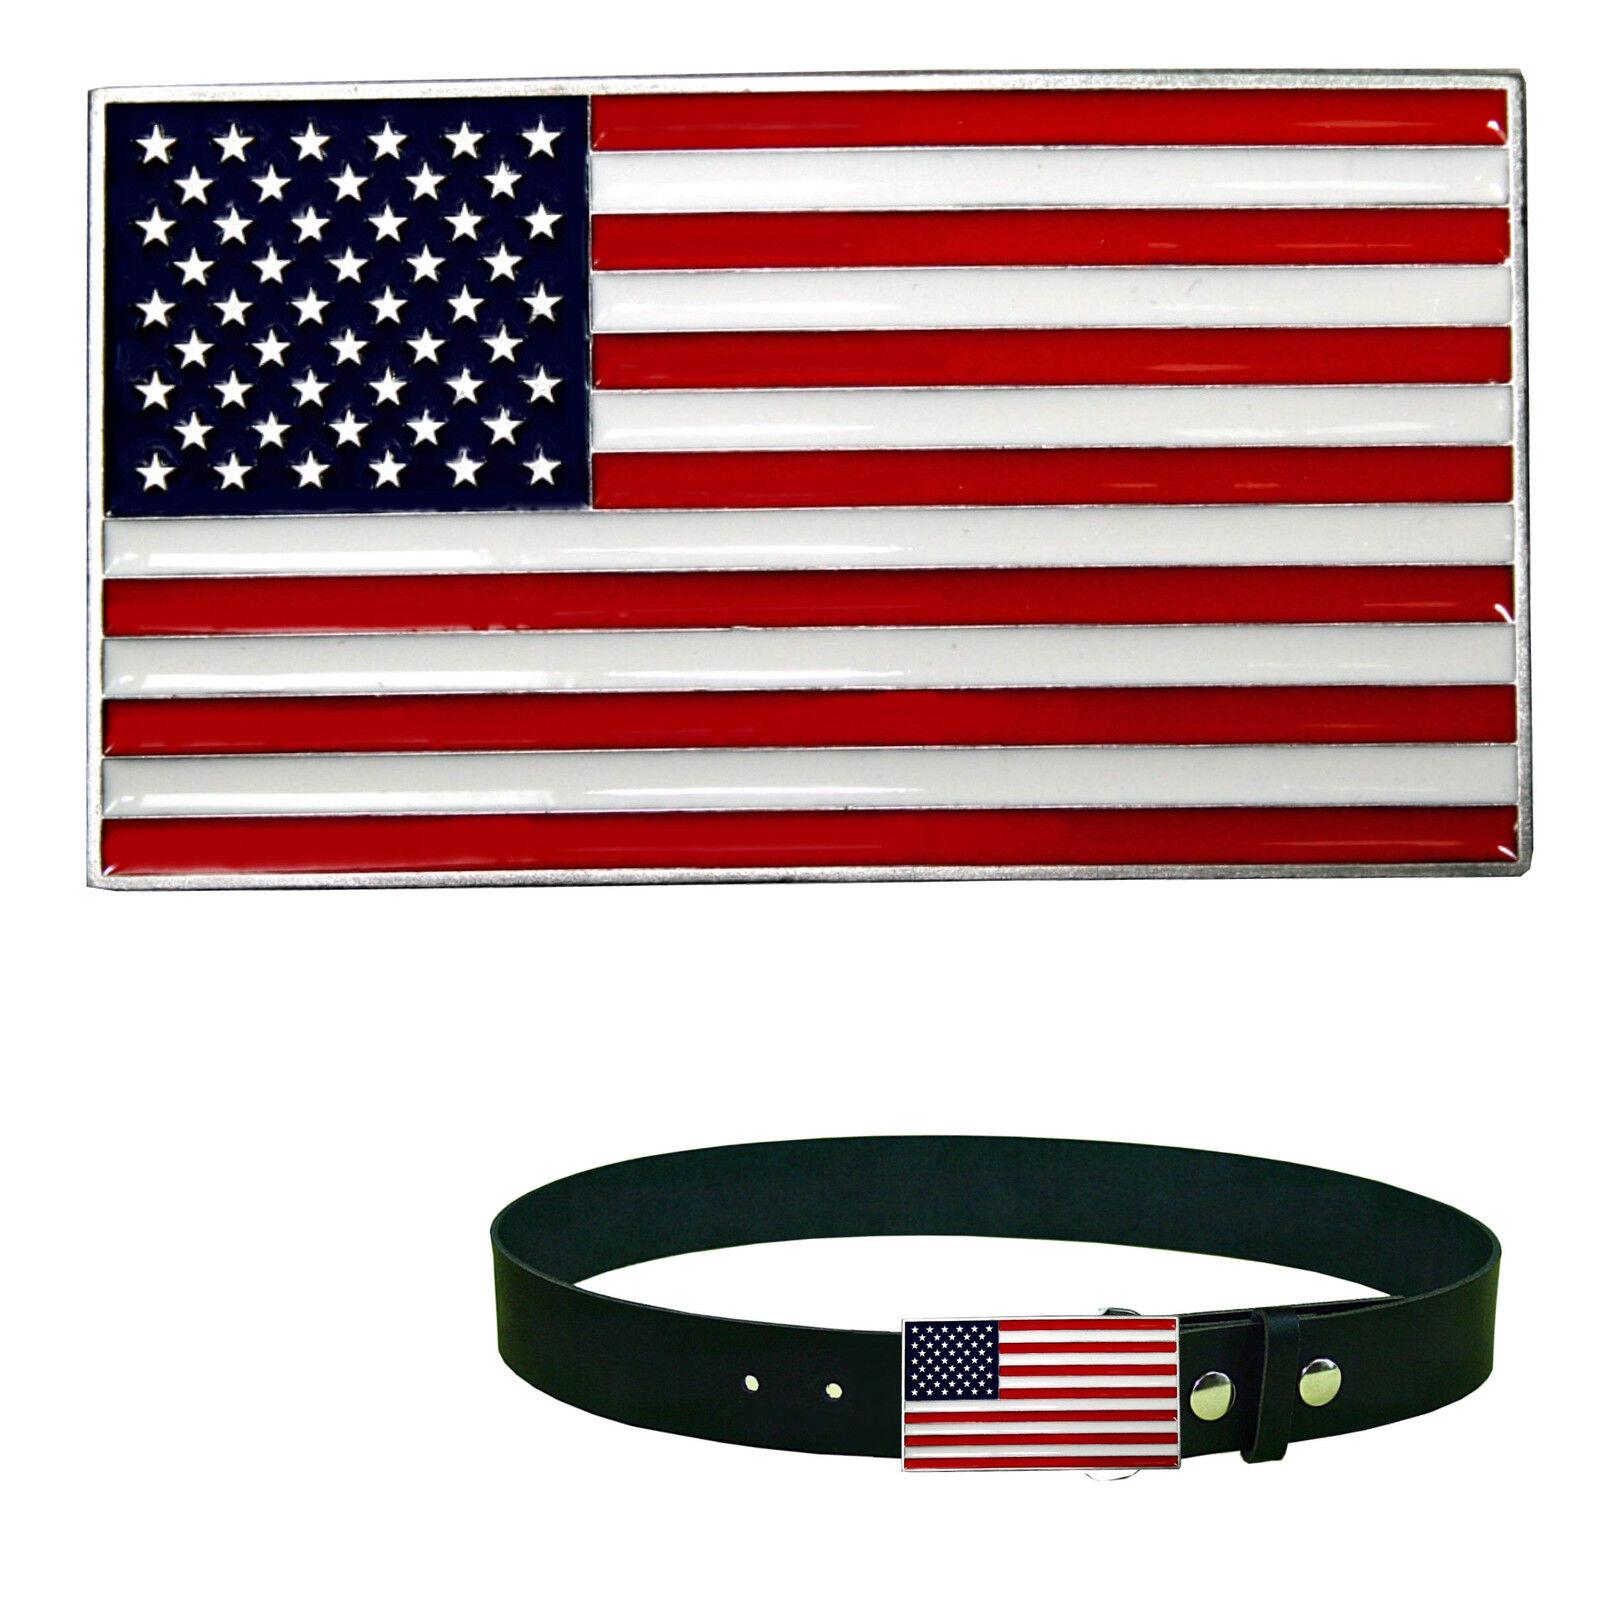 Stars & Stripes USA America Flagge Belt Buckle Banner Gürtelschnalle *173